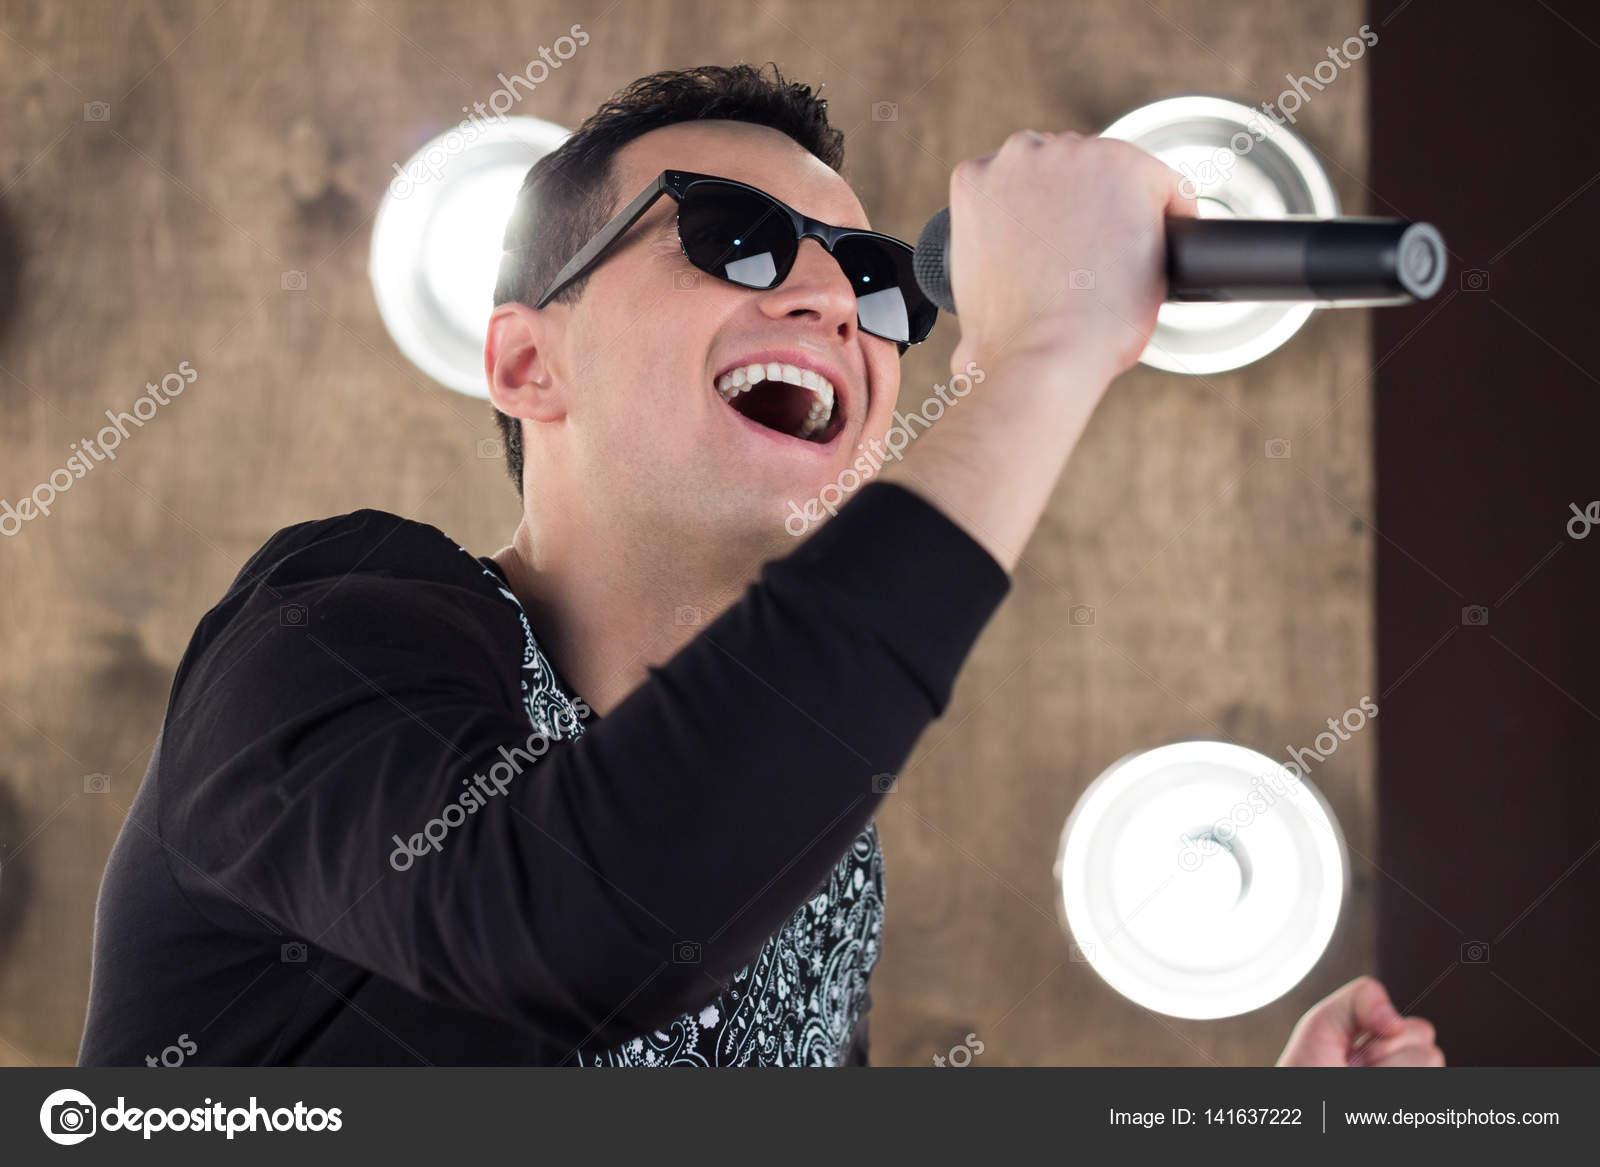 magasiner pour les plus récents bons plans 2017 bon service Chanteur dans lunettes de soleil chante sur scène dans les ...